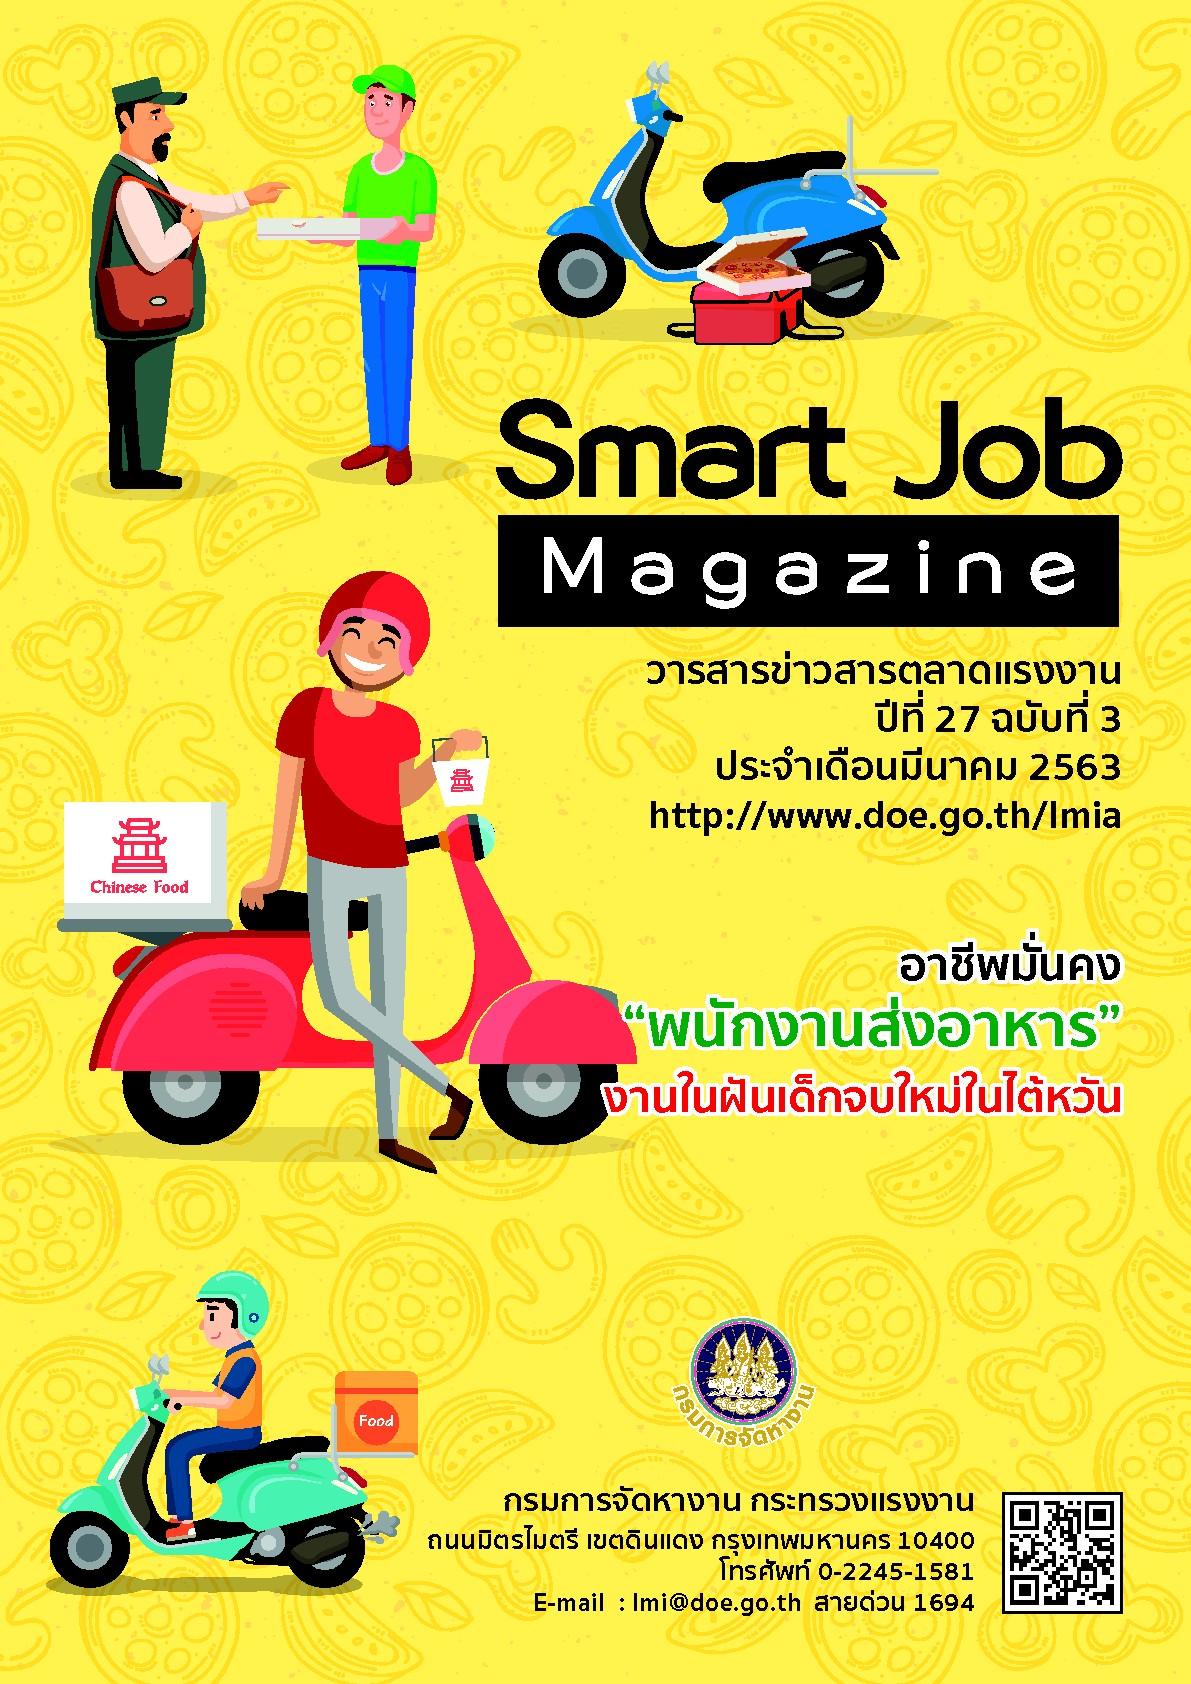 วารสารข่าวสารตลาดแรงงาน ปีที่ 27 ฉบับที่ 3 เดือนมีนาคม 2563